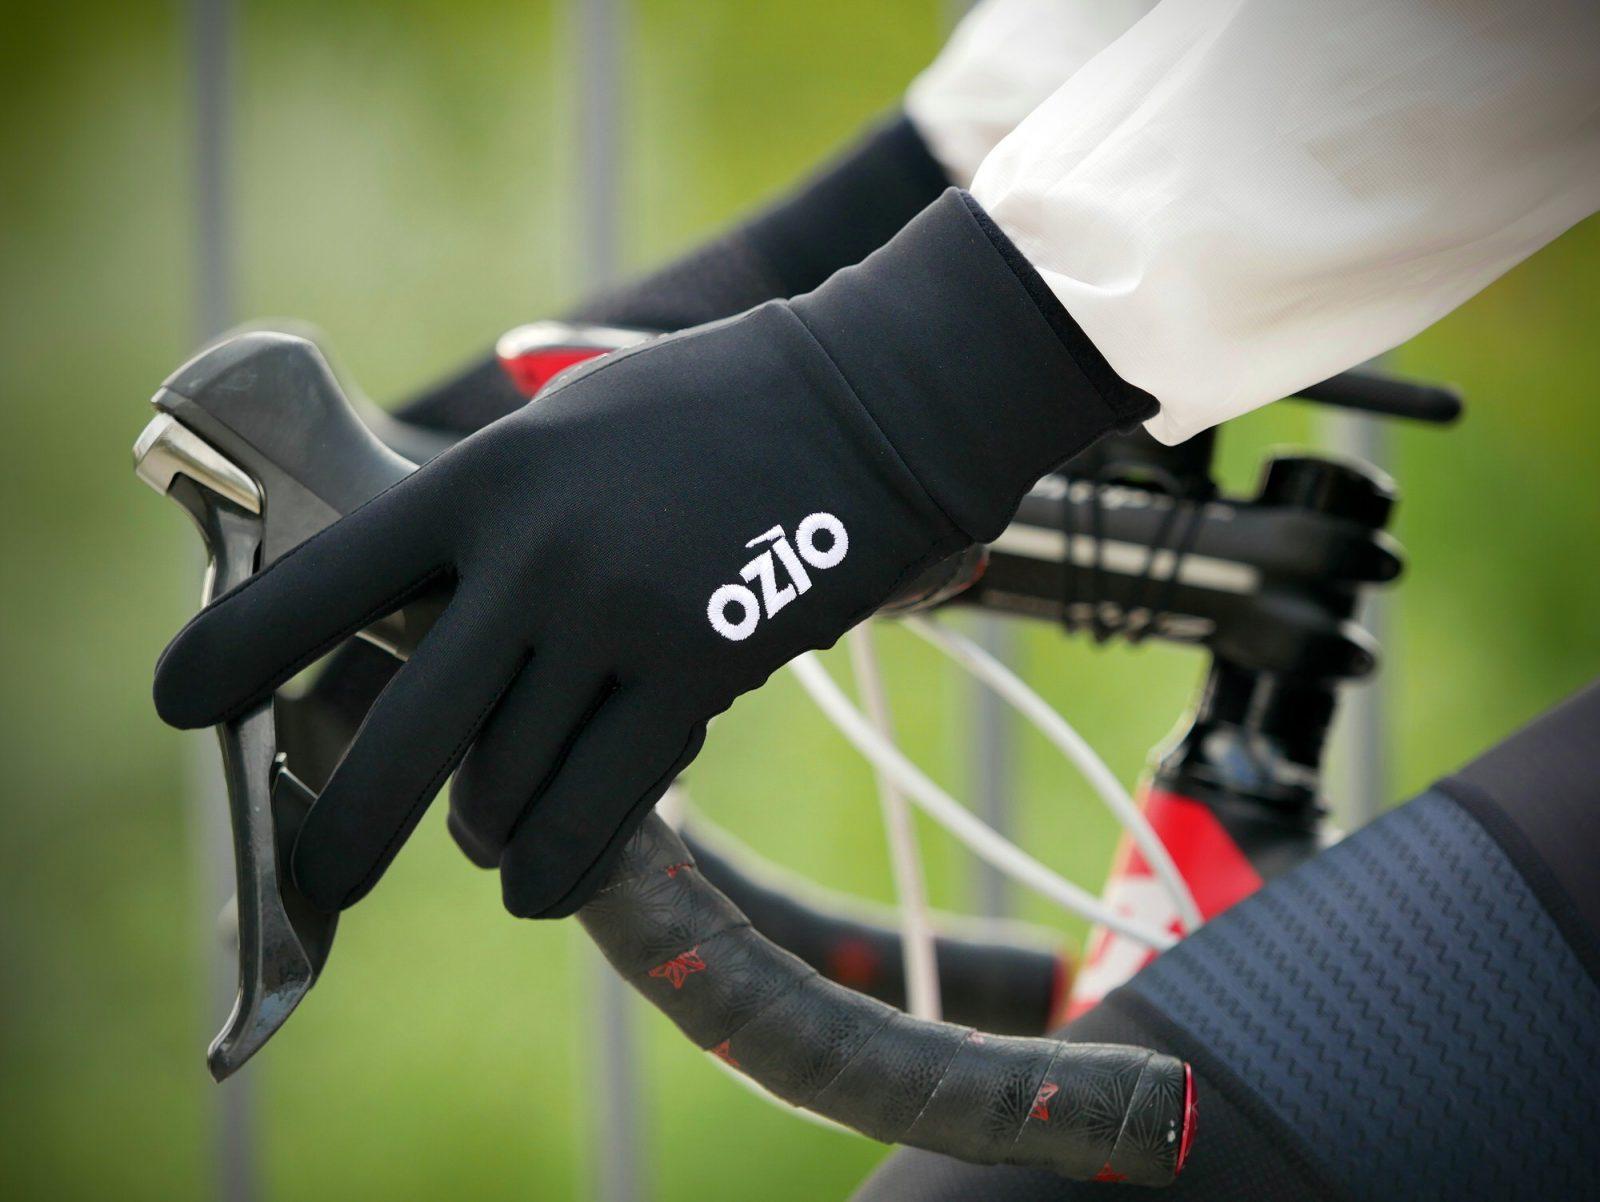 Gants vélo mi-saison noir OZIO